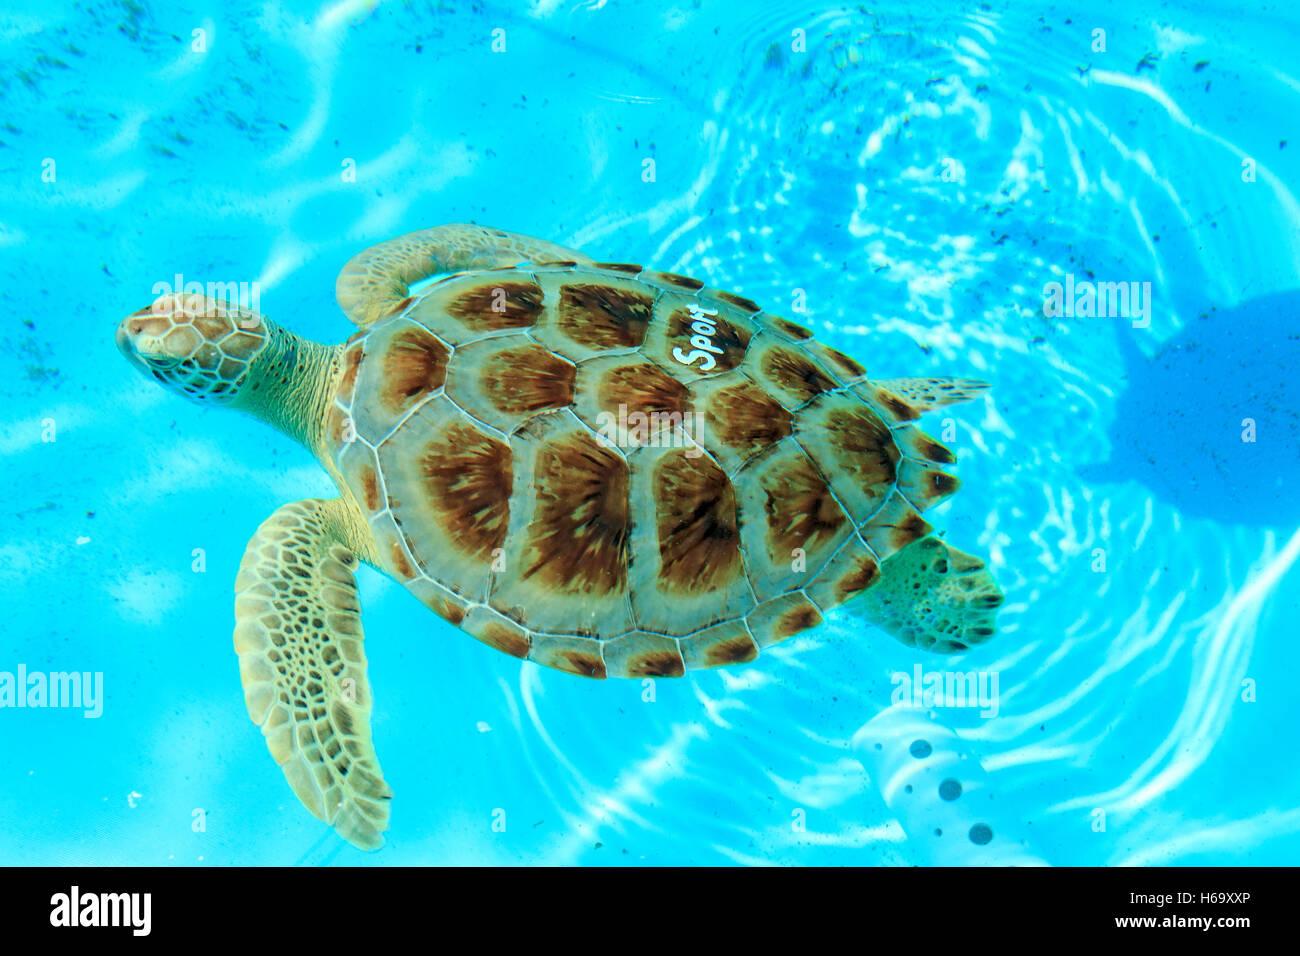 Sauvé à la tortue tortue Hôpital de Marathon, Floride. Le sauvetage de l'hôpital des tortues Photo Stock